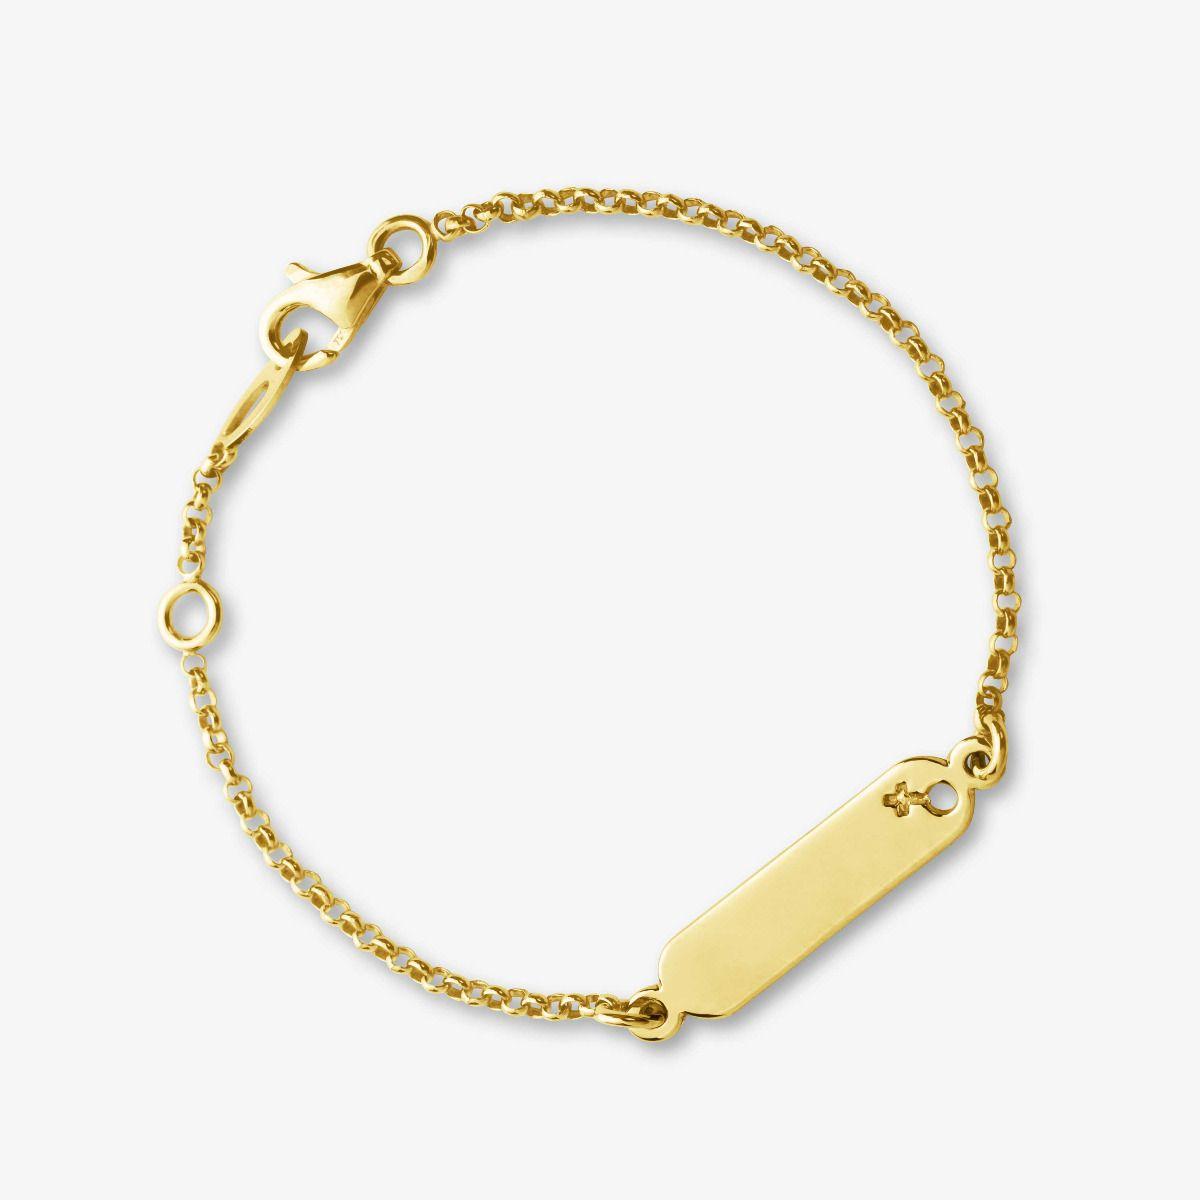 Gourmette Symbole Fille en Or Jaune 18 carats - 14 cm